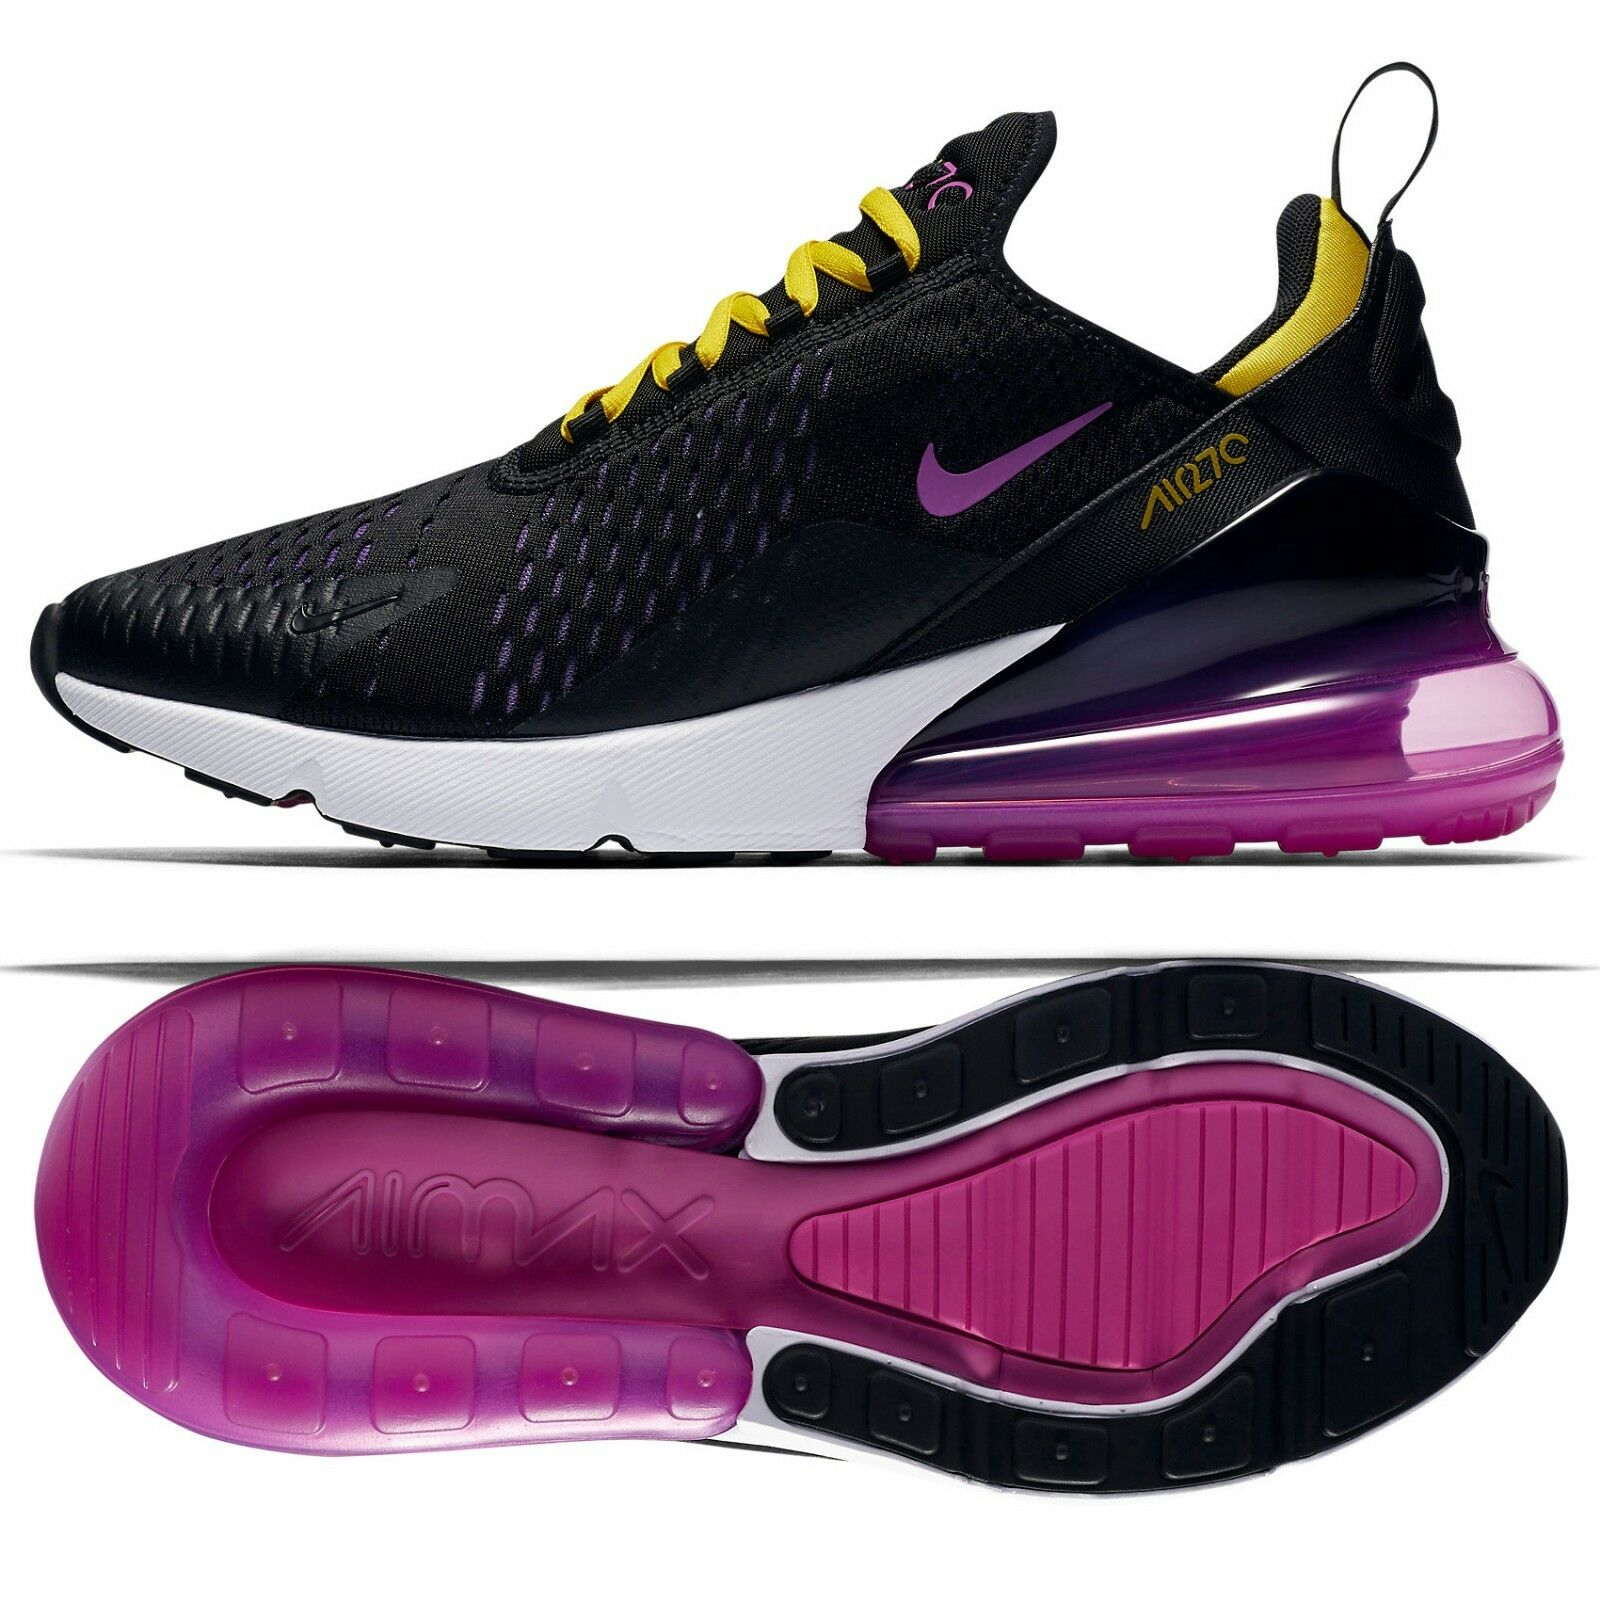 nike air max 270 ah8050-006 noir / hyper - raisin / / raisin jaune / magenta chaussures pour hommes 844980